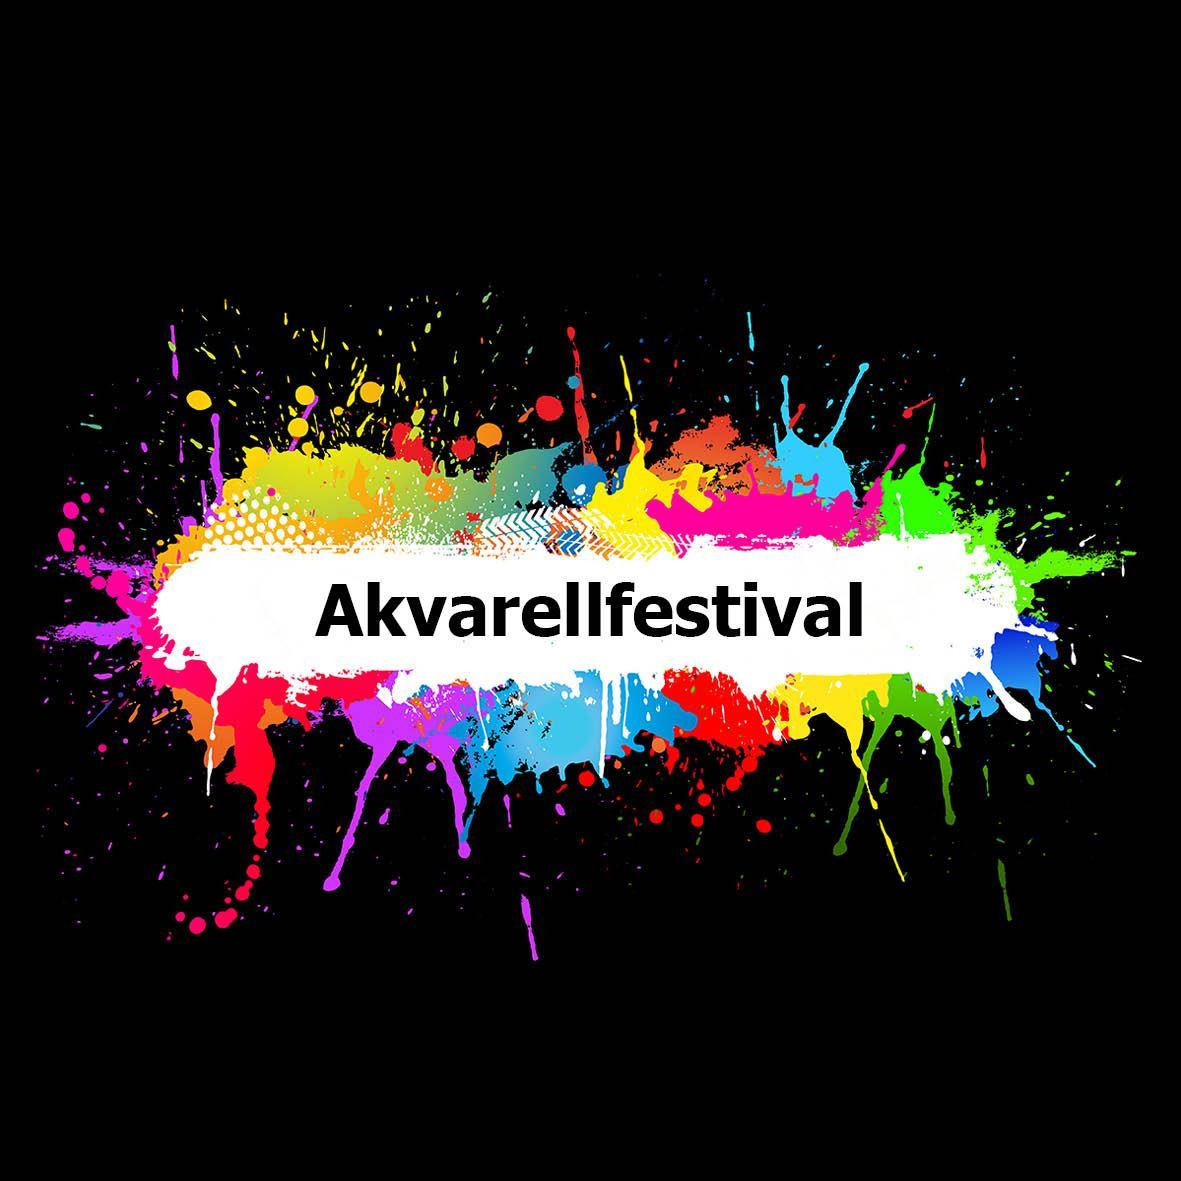 Utställning - Akvarellfestival